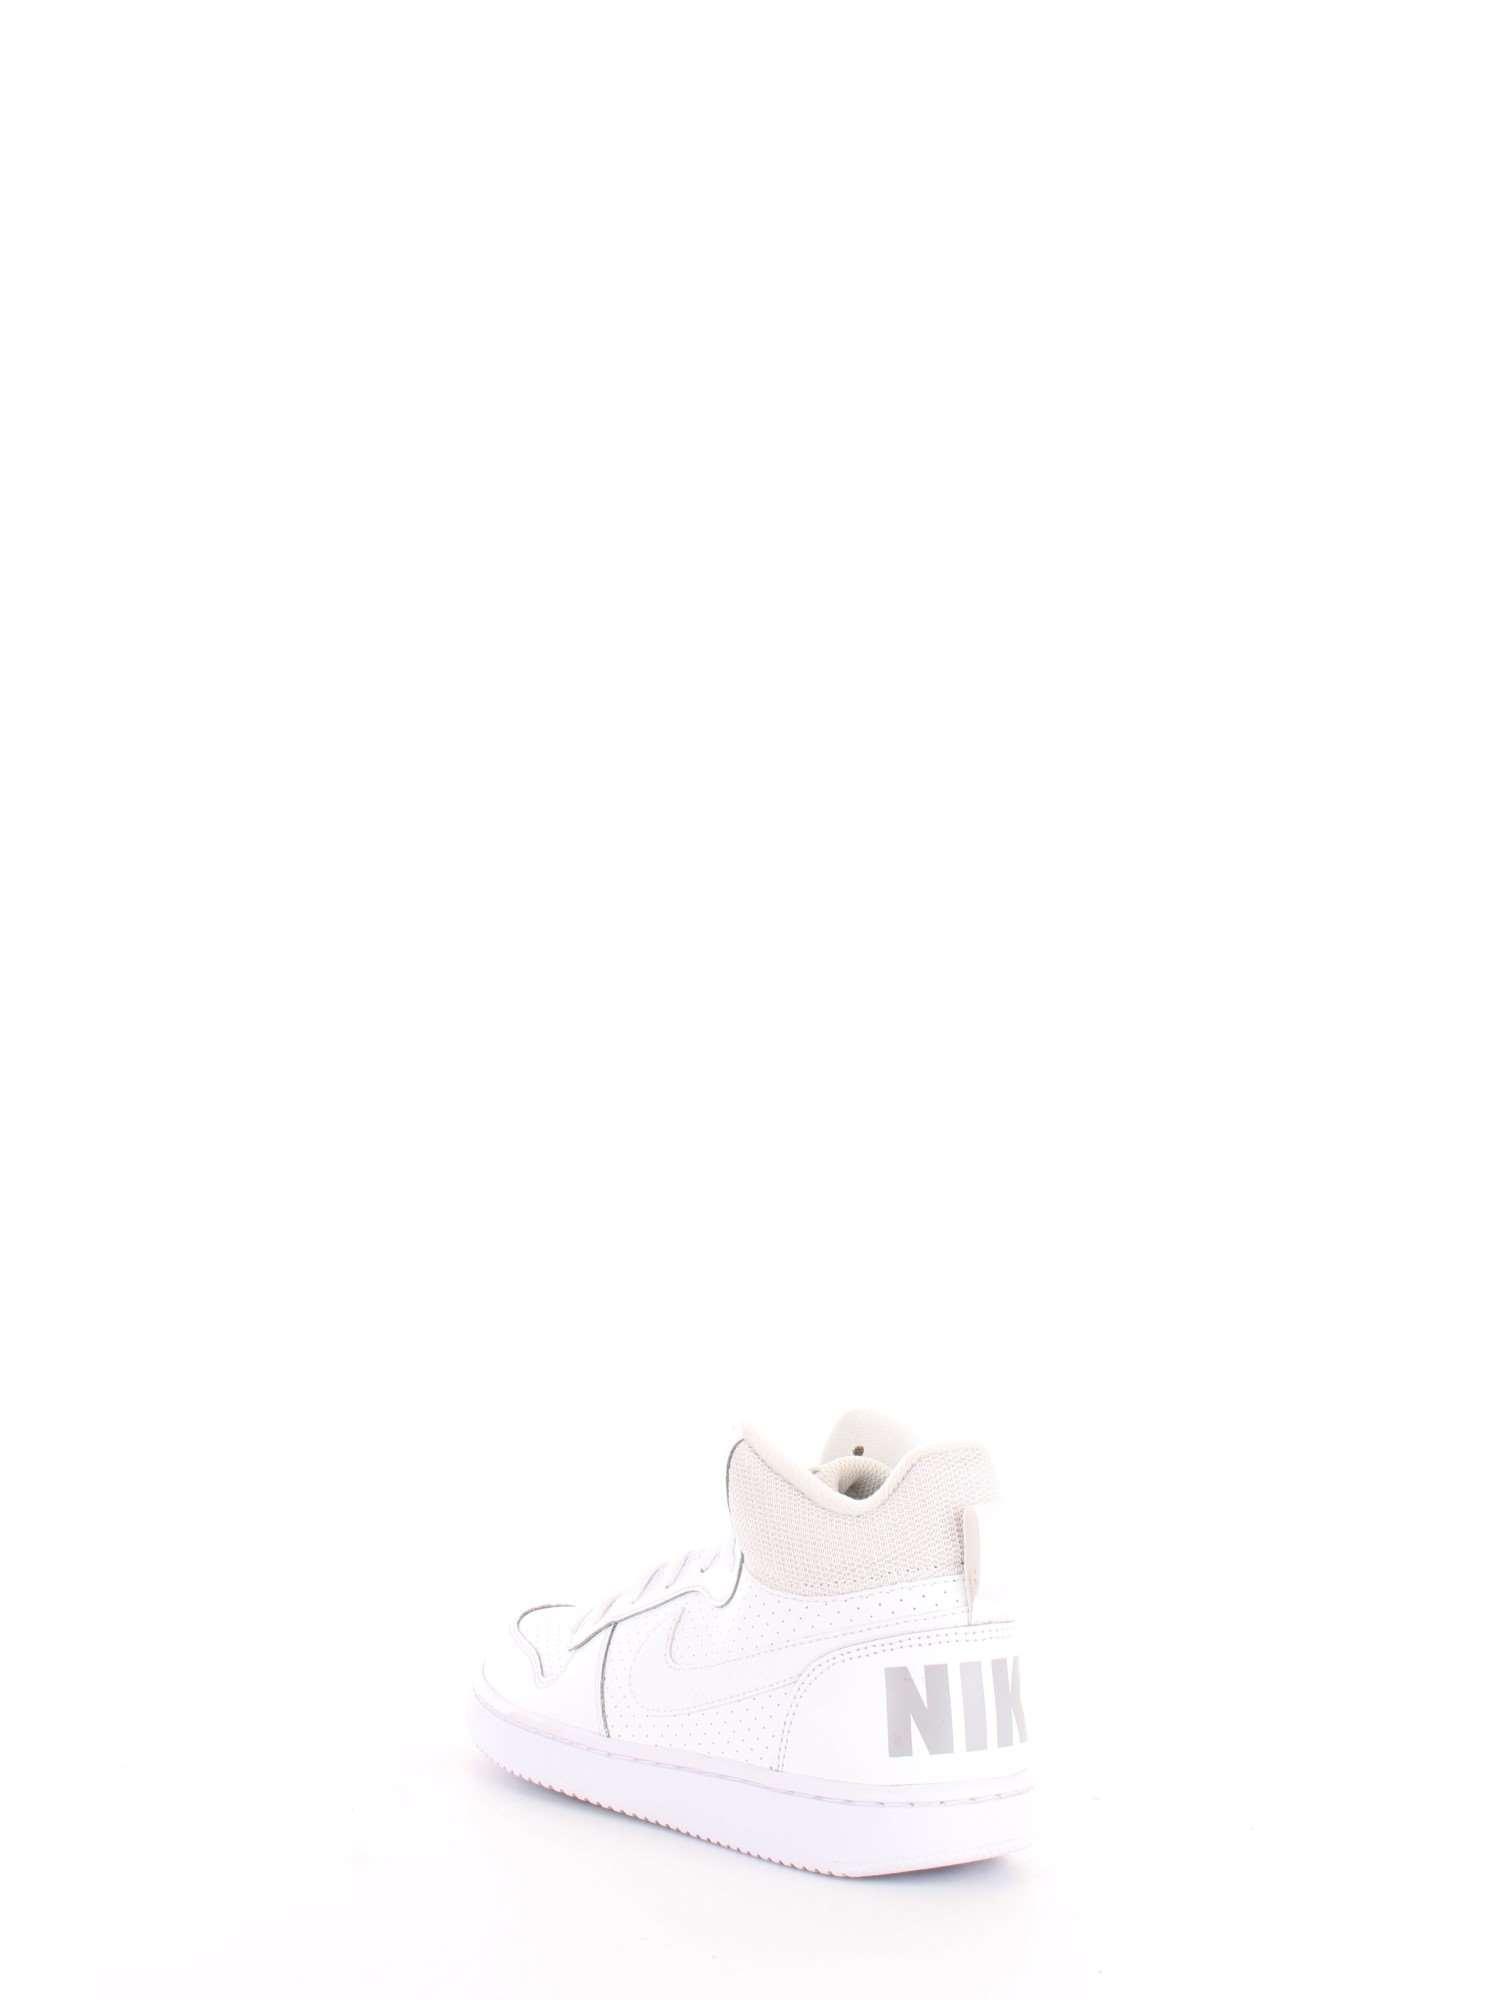 Femme Printemps Sneakers 100 Blanc 839977 Nike 7OxwRR